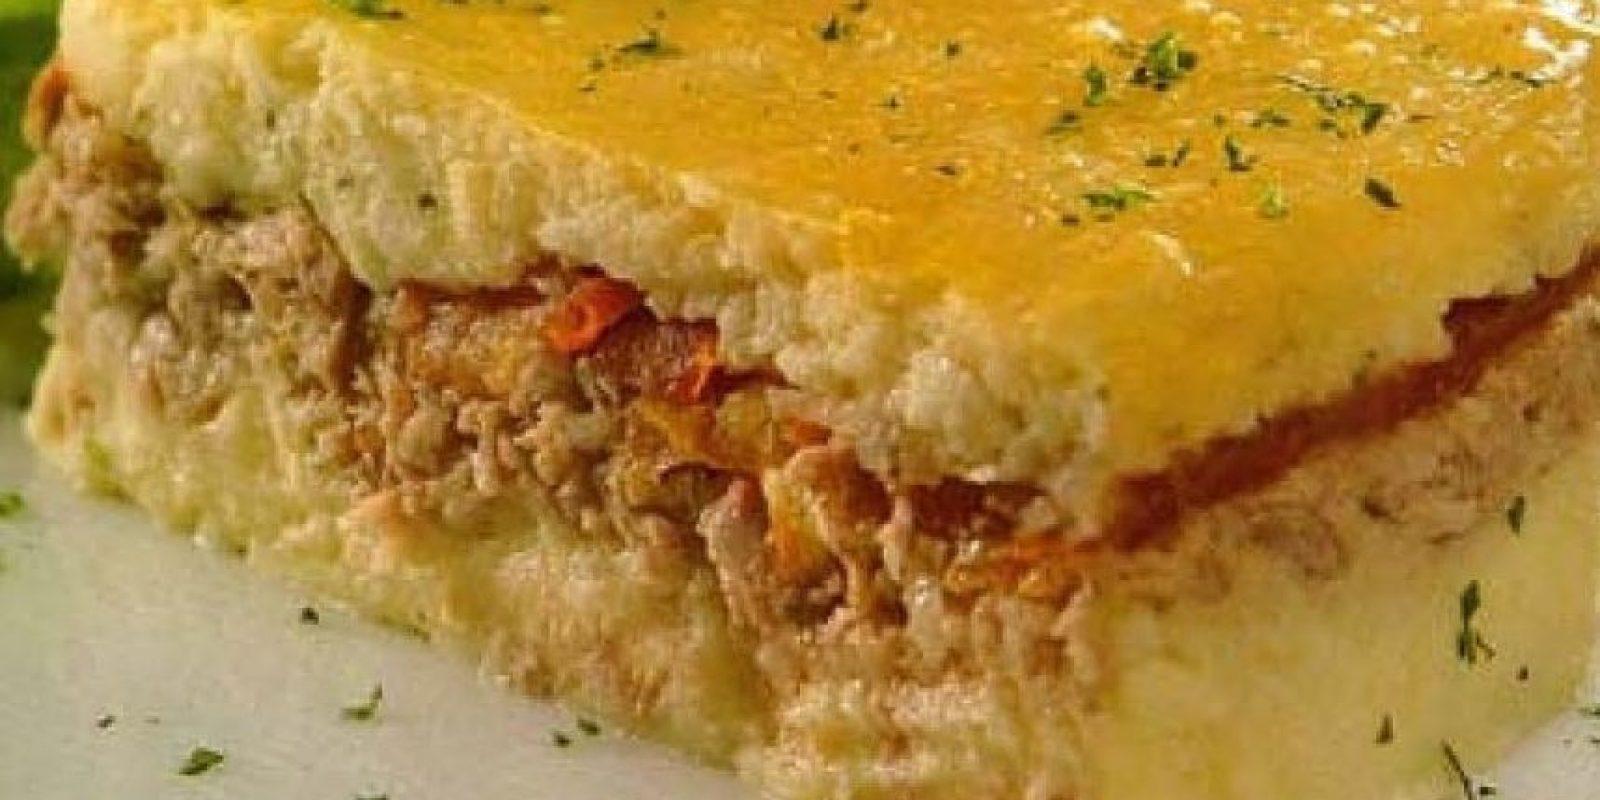 Pastelón de yuca Al puré de yuca le agregamos mantequilla y sal al gusto, queso parmesano rallado y el huevo. A esta mezcla, le agregamos el relleno preferido y colamos en el horno para dorar.